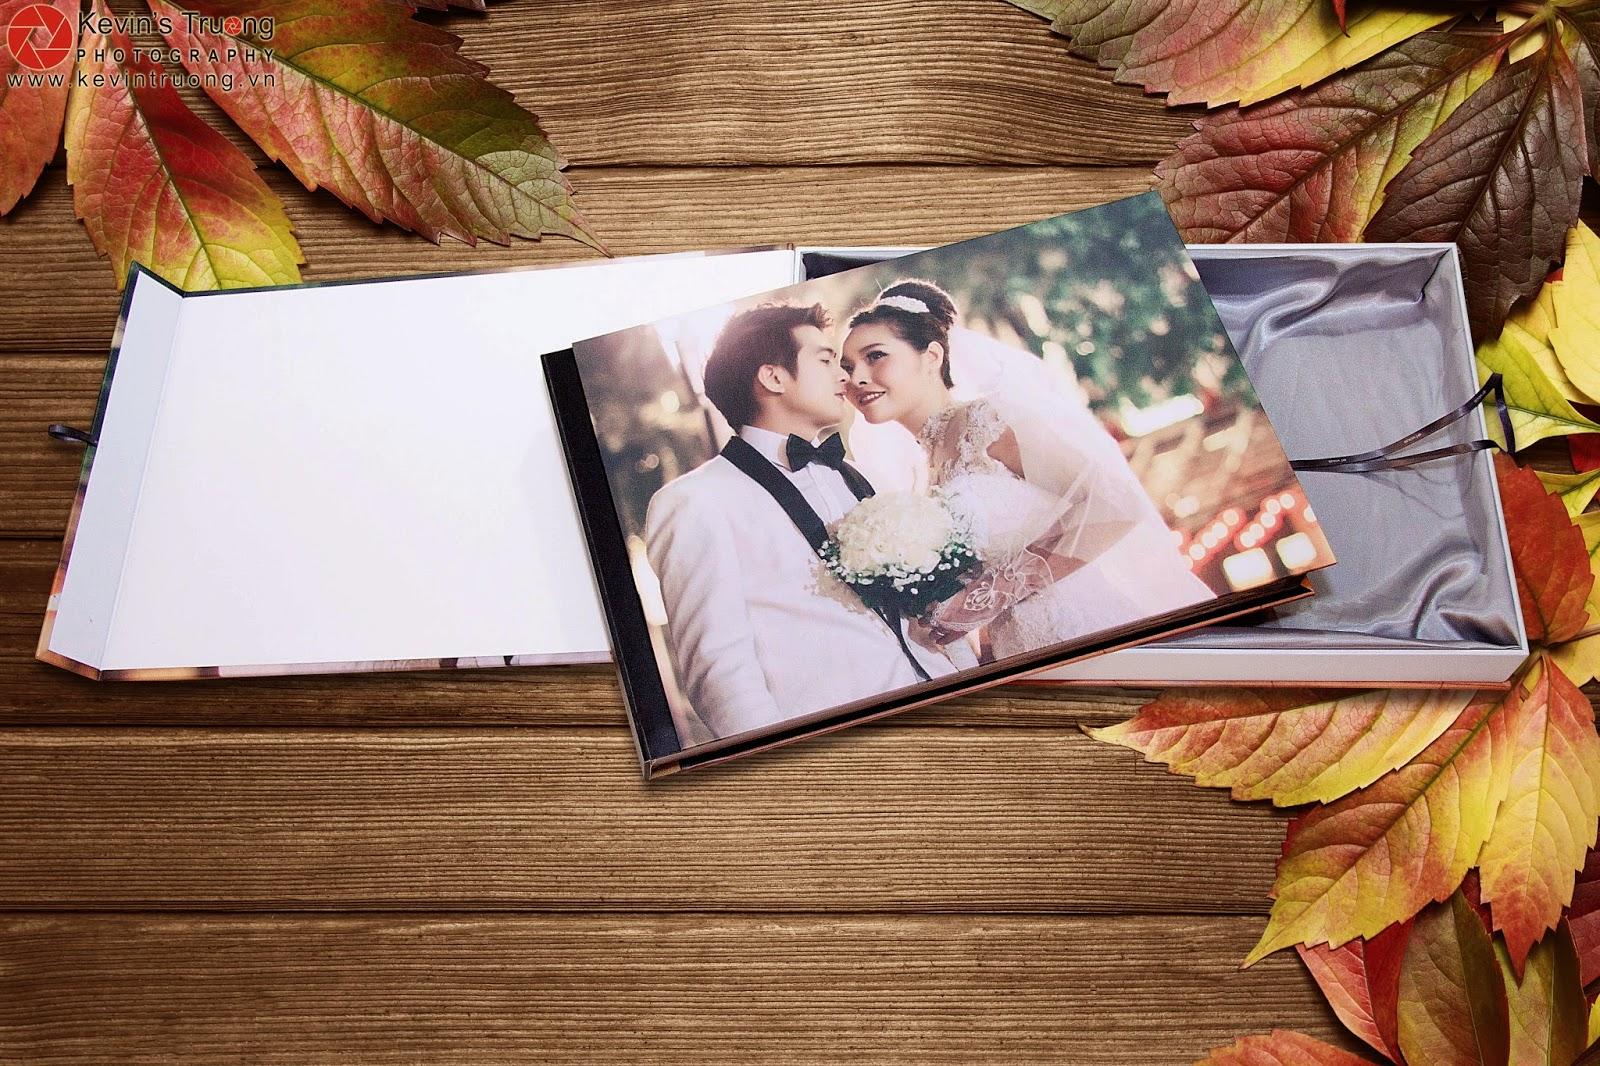 Gia Công-In Album Cát Kim Tuyến-Album 3D,Photobook,Ép gỗ các loại - 29